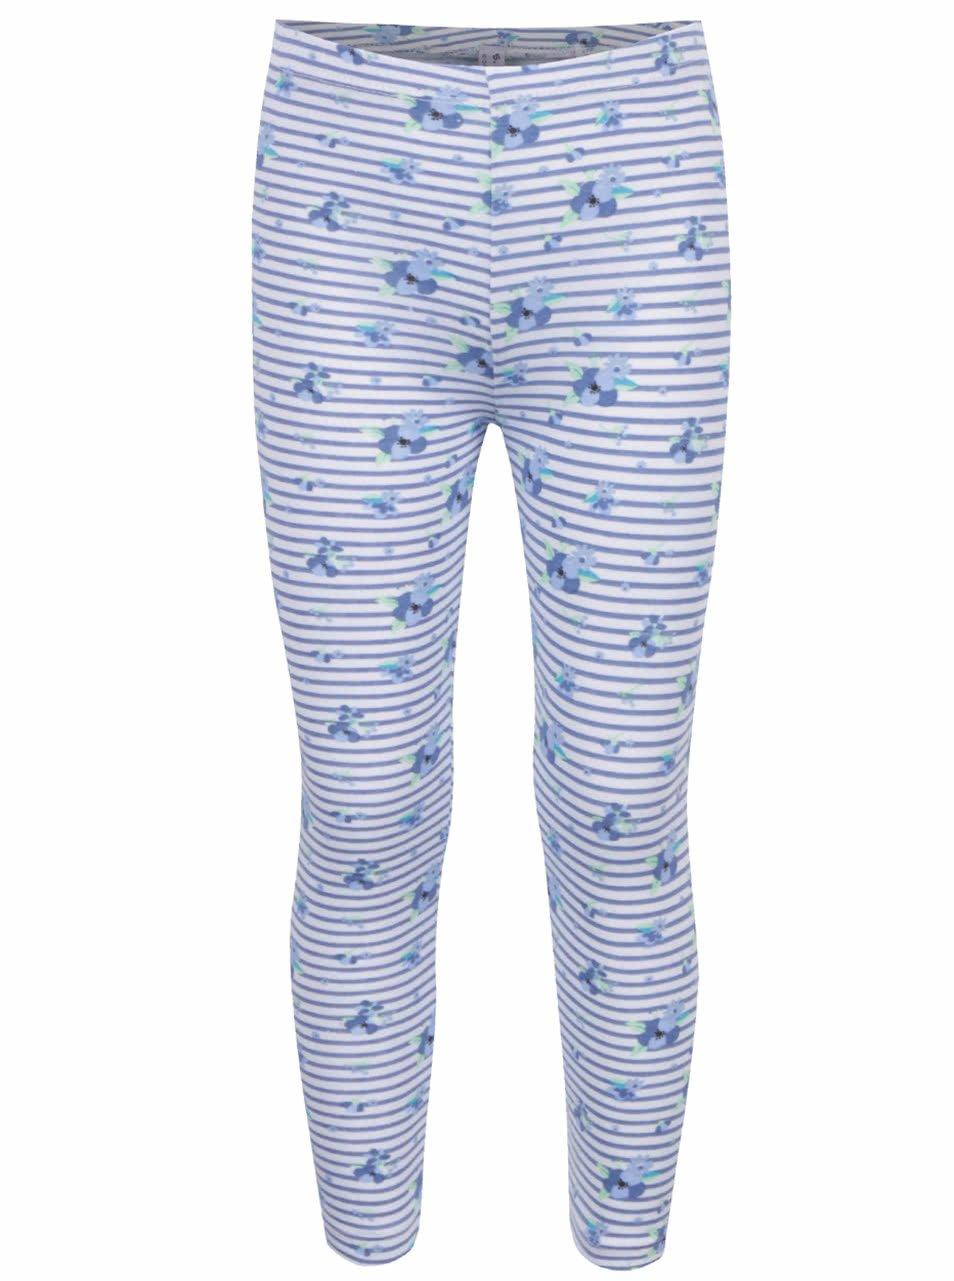 Bílo-modré pruhované holčičí legíny s motivem květin 5.10.15.